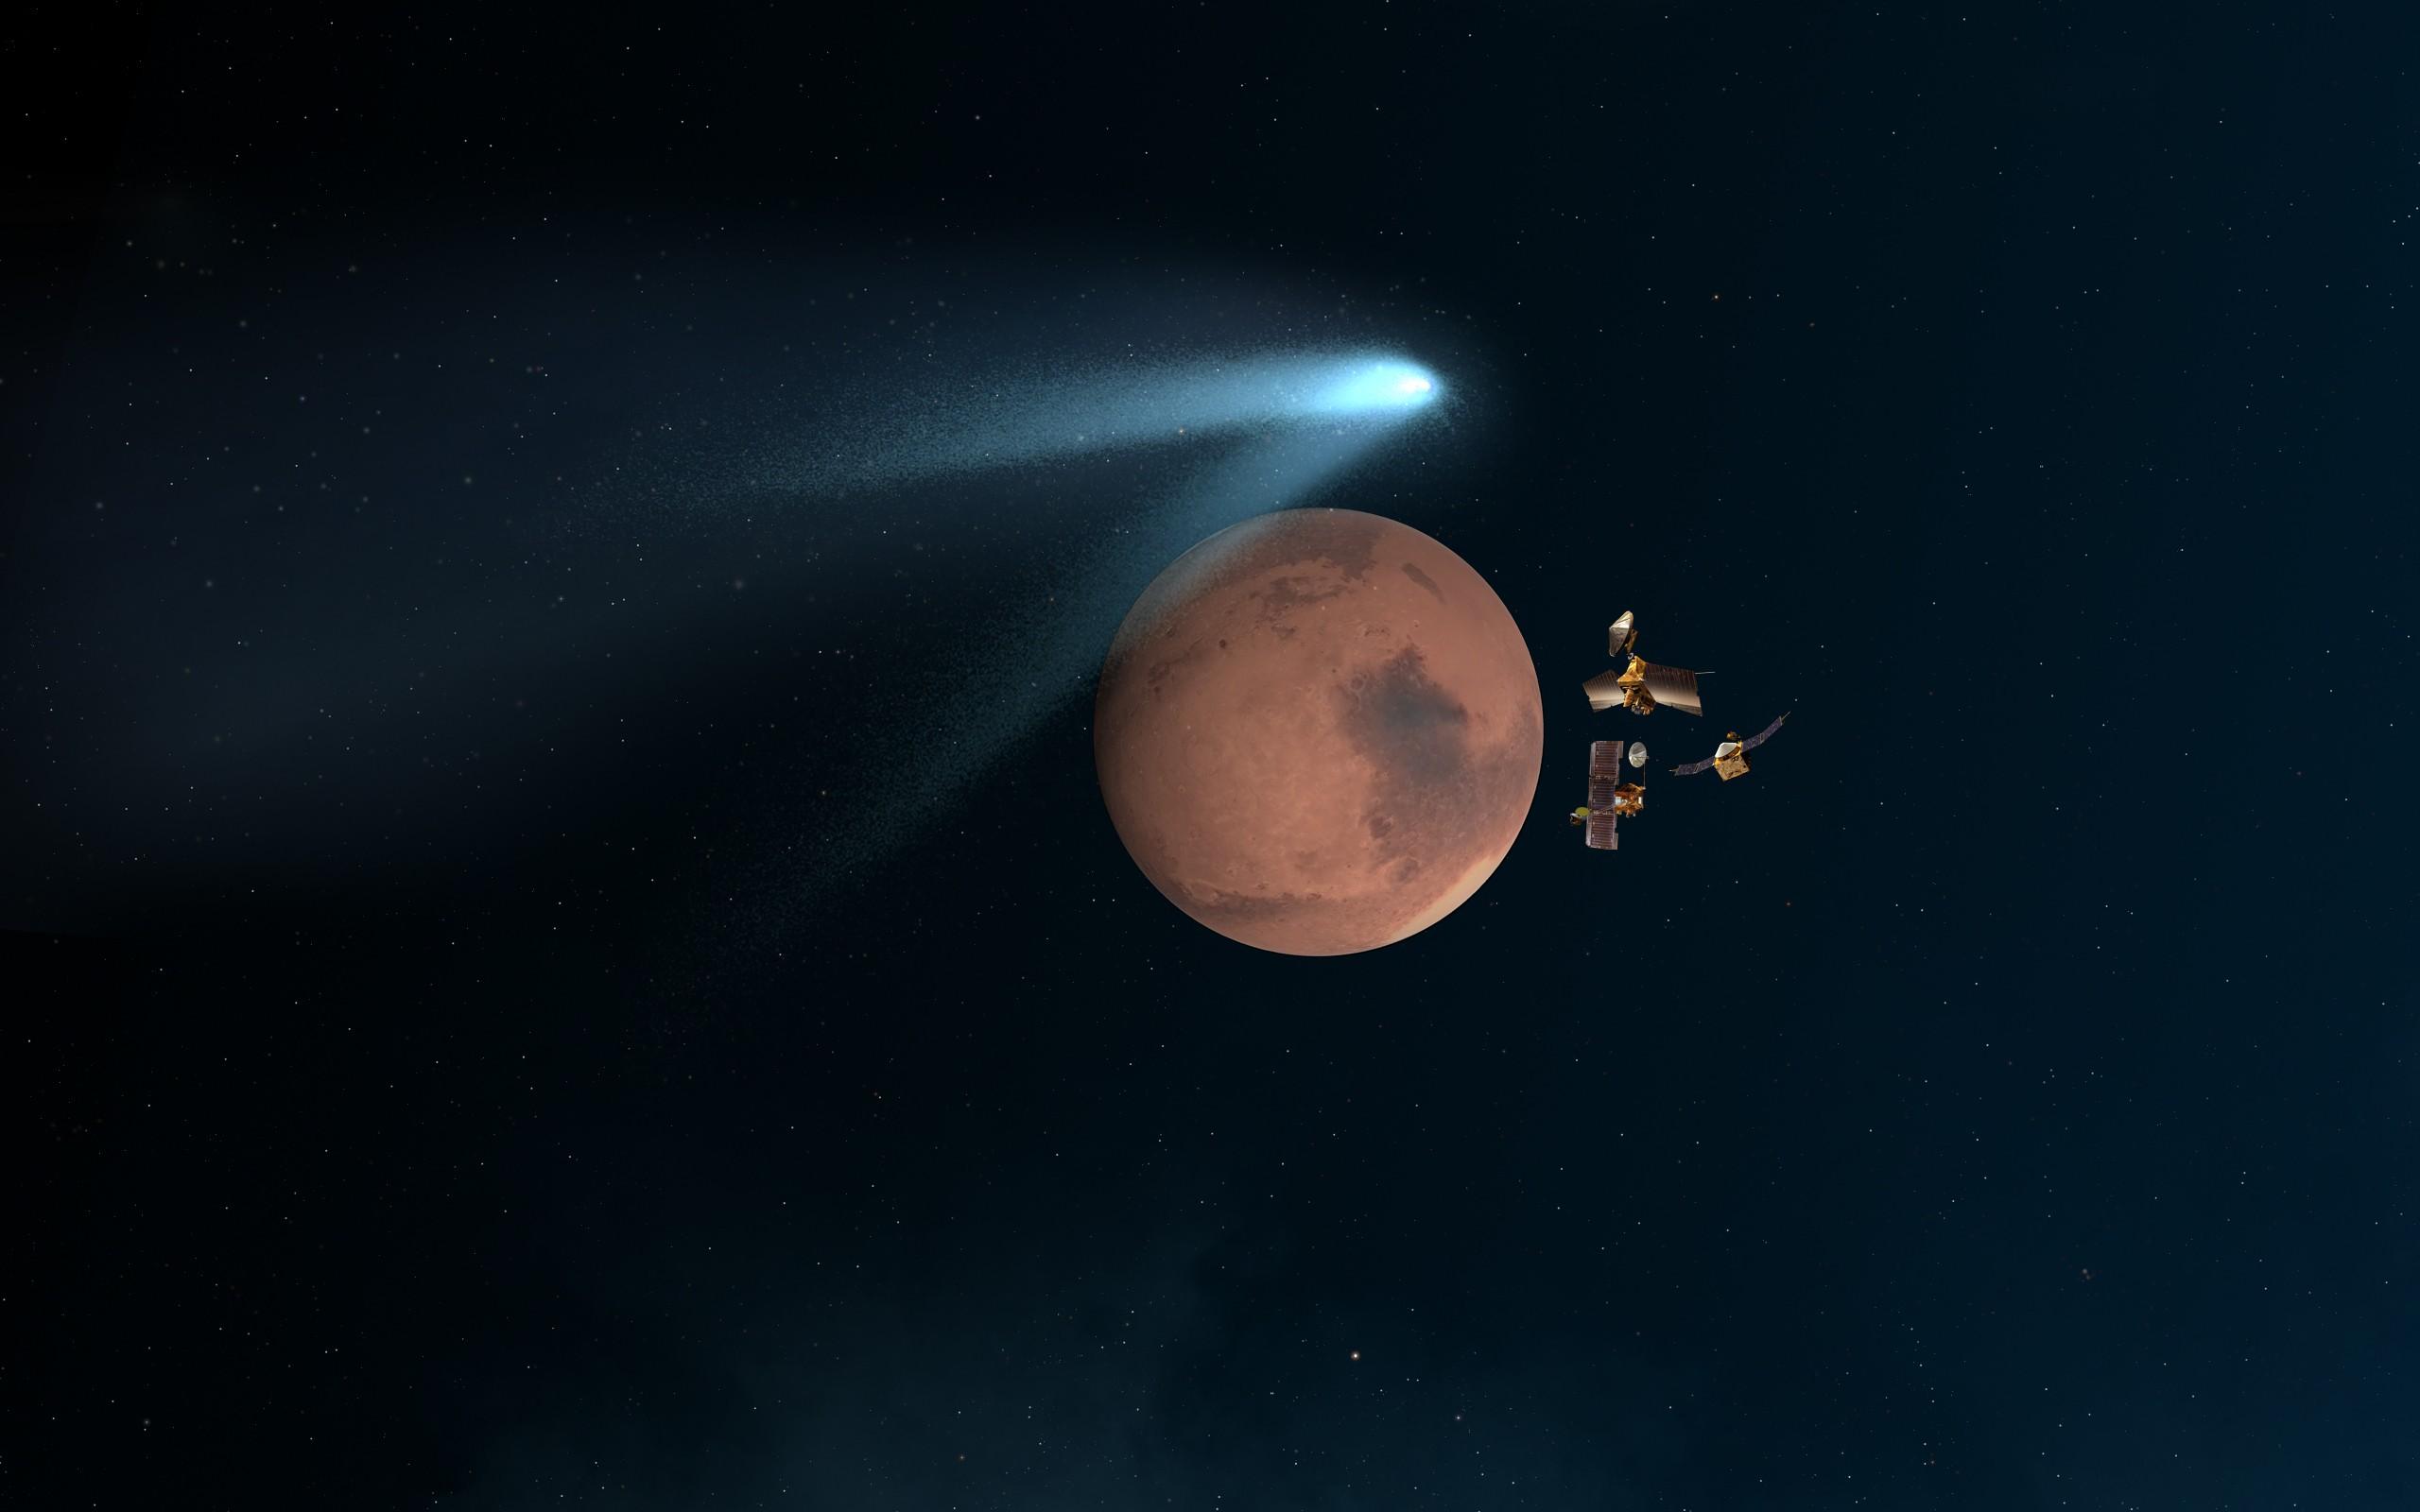 General 2560x1600 space universe planet NASA Mars CGI spaceship satellite lights